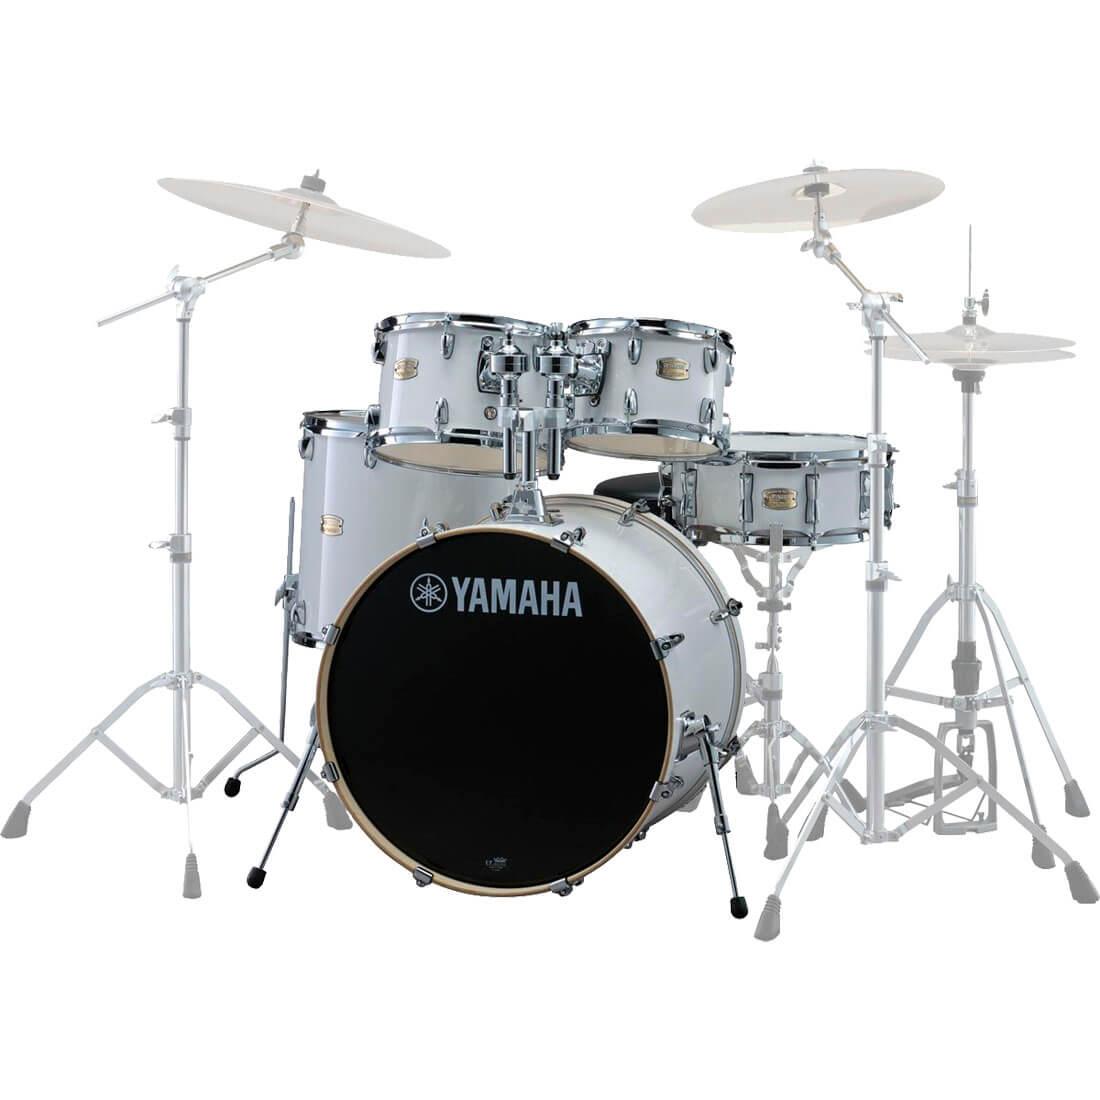 Bilde av Yamaha Sbp0f5pwhstagecustombirch Trommesett Purewhite